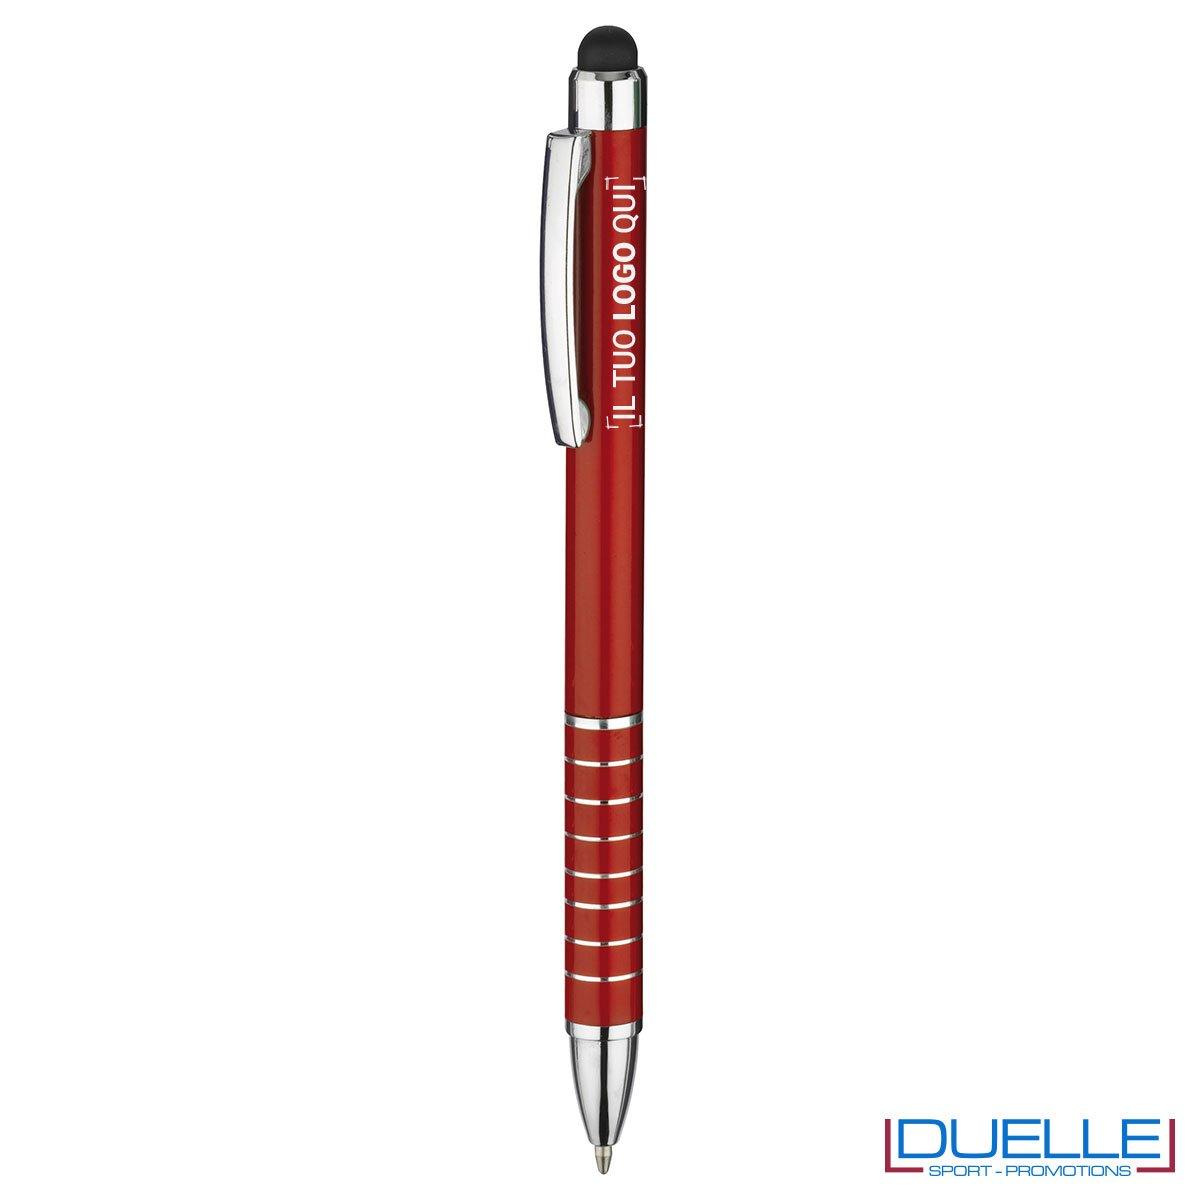 penna touch screen personalizzata in alluminio laccato rosso, gadget aziendali personalizzati